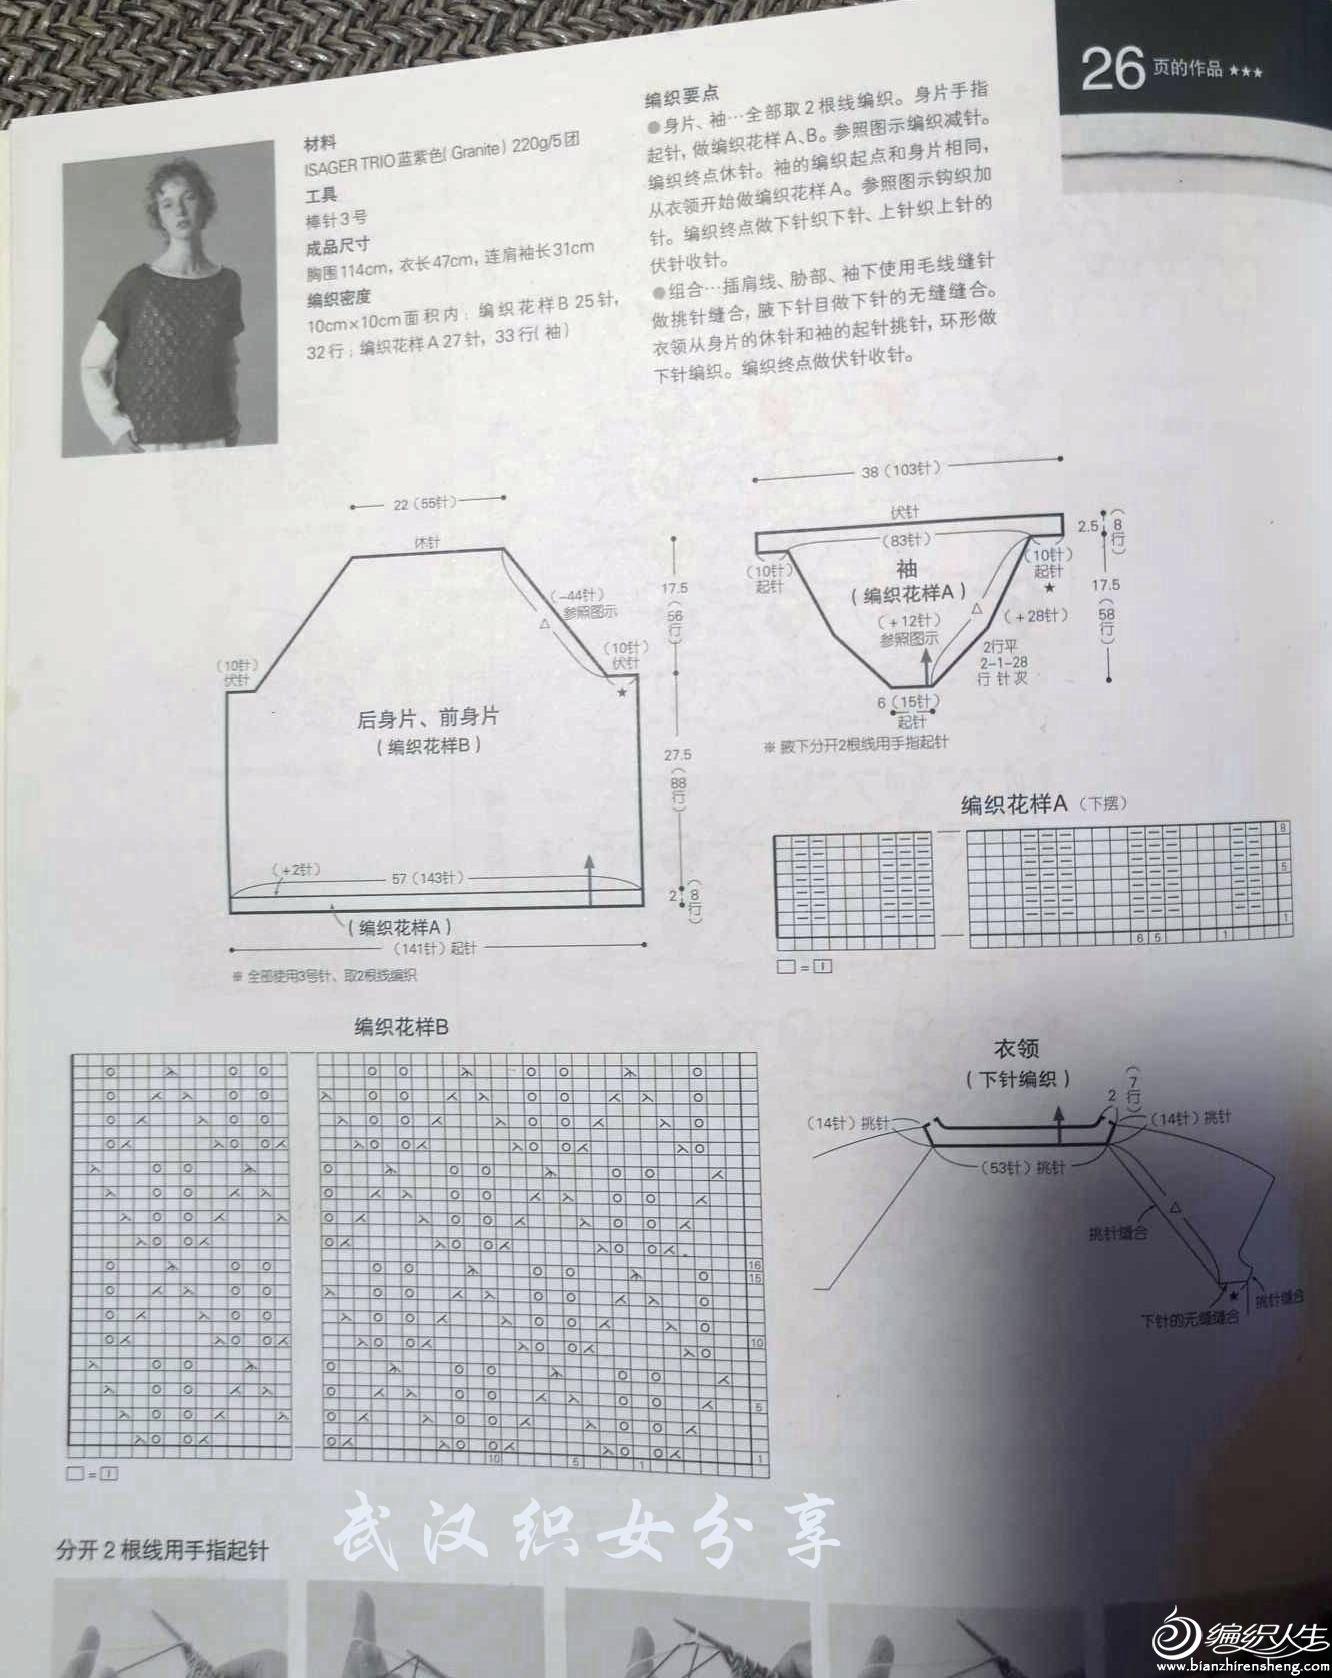 中文版解2_副本.jpg